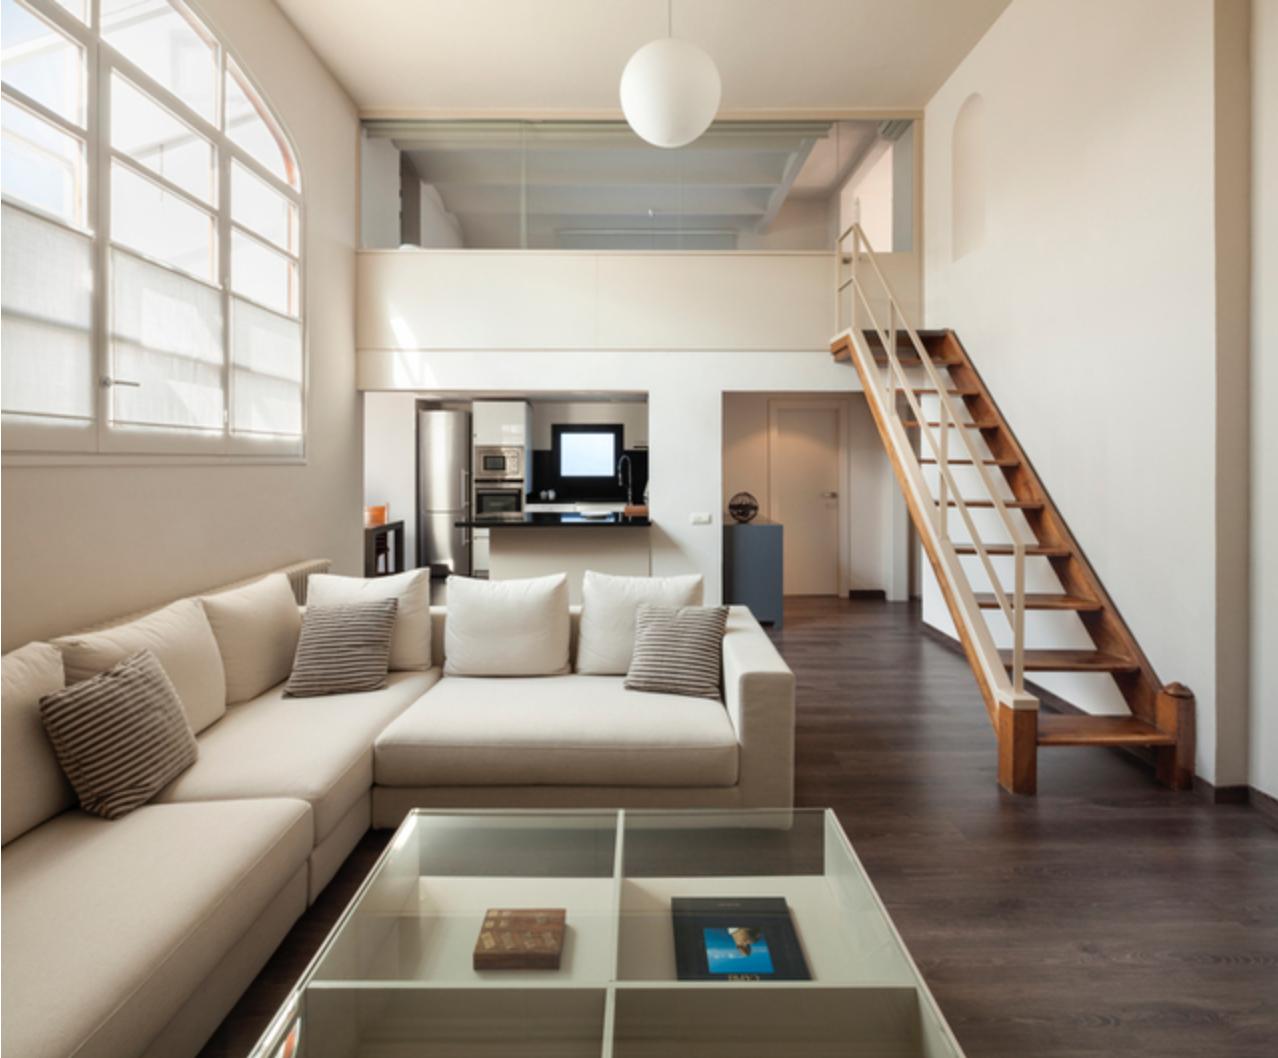 Cocina salon escalera moderno decoracion via for Escaleras de salon